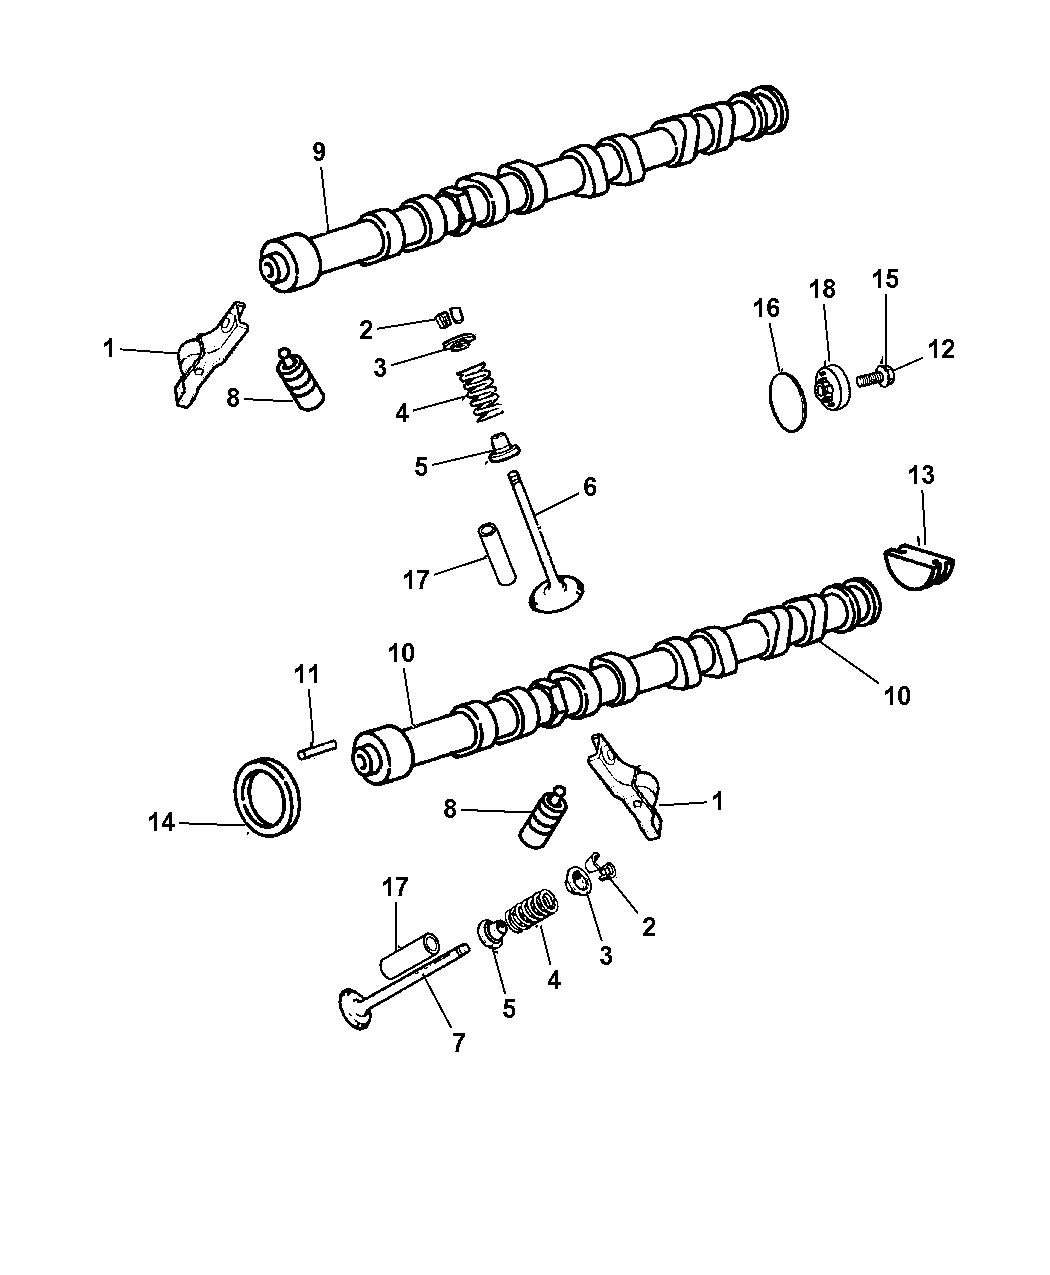 2009 Chrysler Pt Cruiser Camshaft Valvetrain Engine Diagram Thumbnail 1